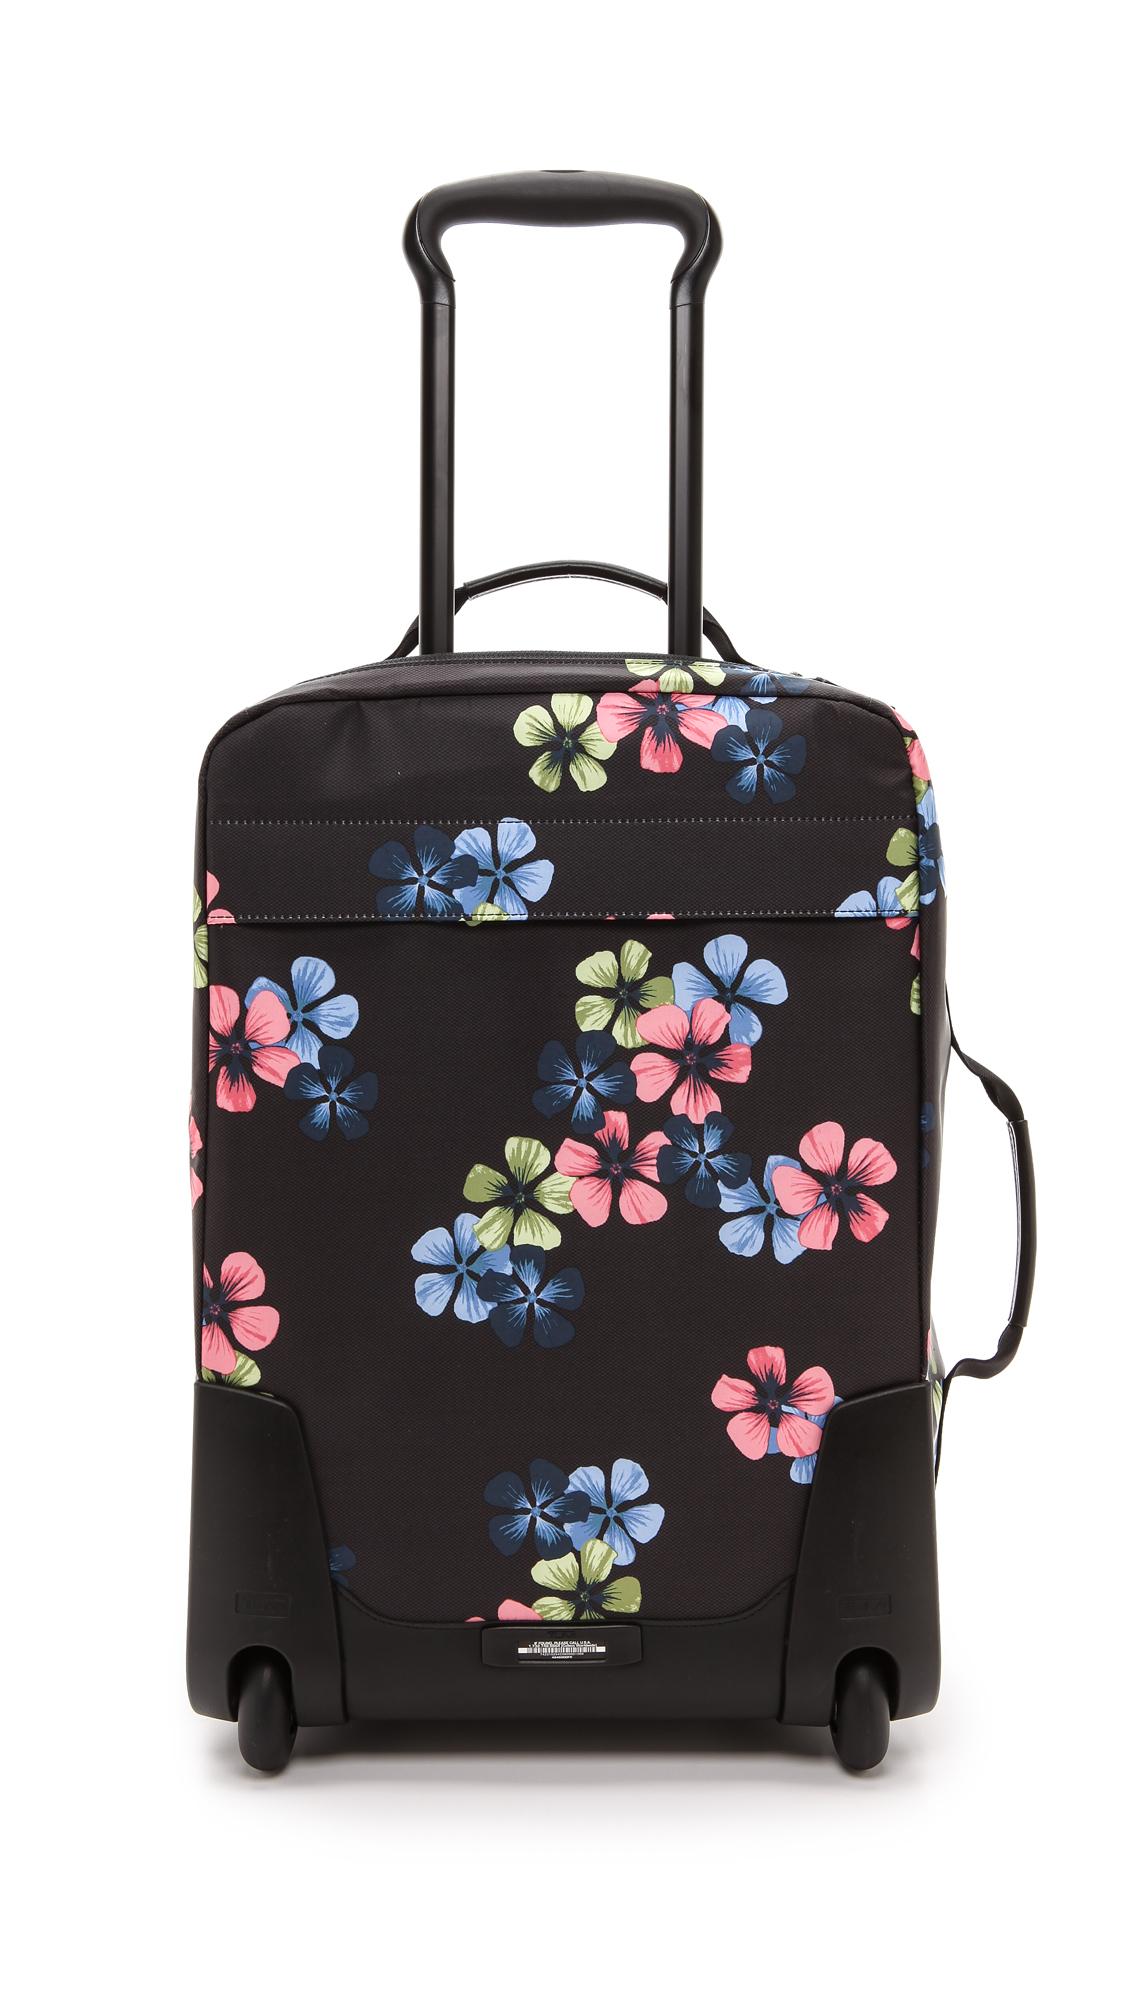 Lyst Tumi Tumi Black Floral